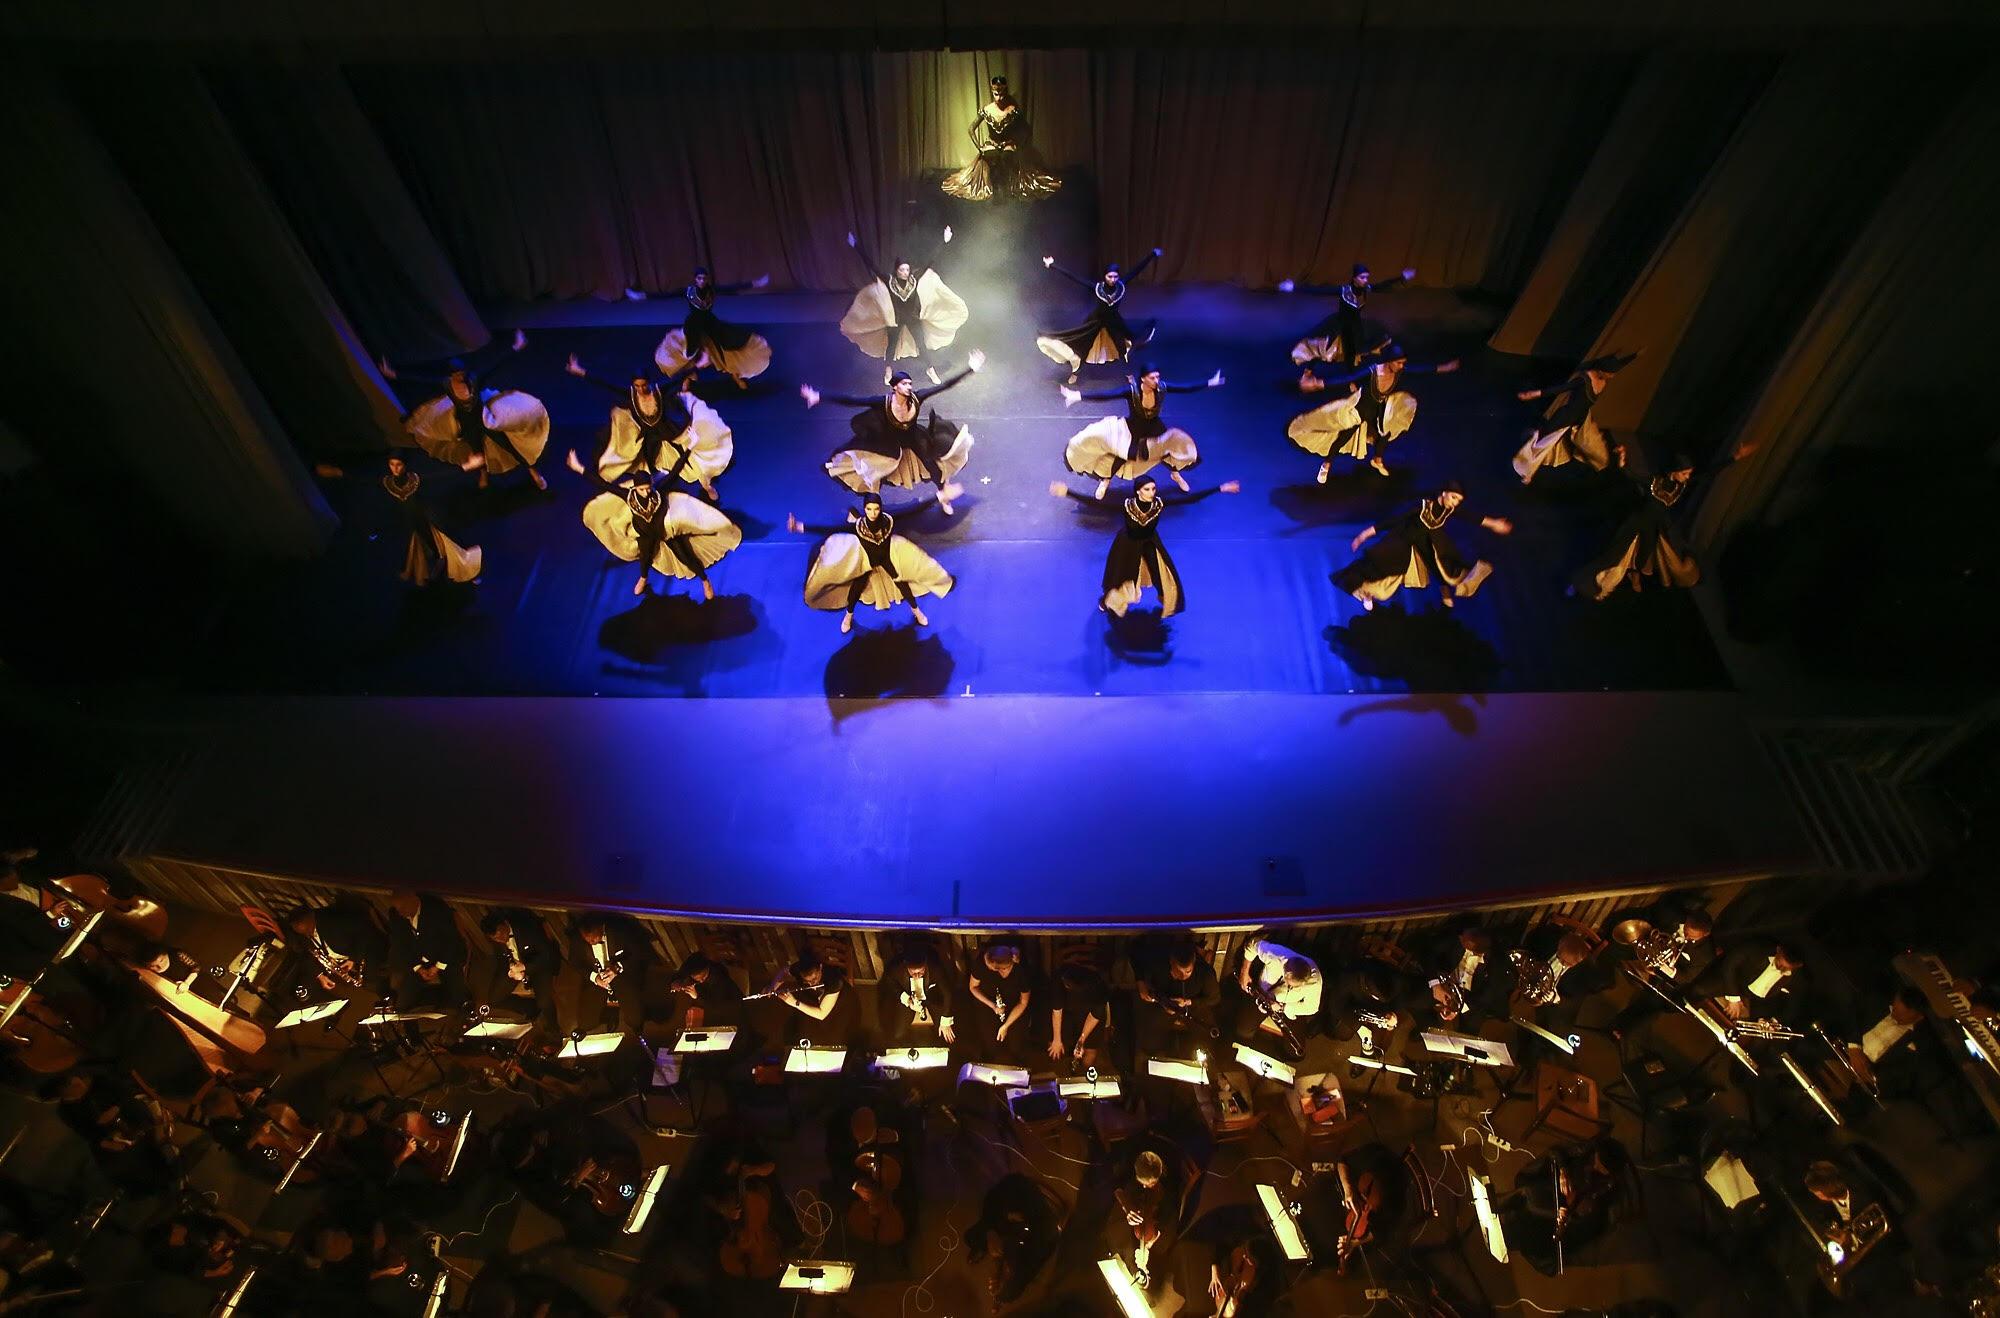 Объединившись, симфонический оркестр Псковской области и Имперский Русский Балет представили зрителям две колоритных балетных постановки: «Болеро» и «Шехеразада».